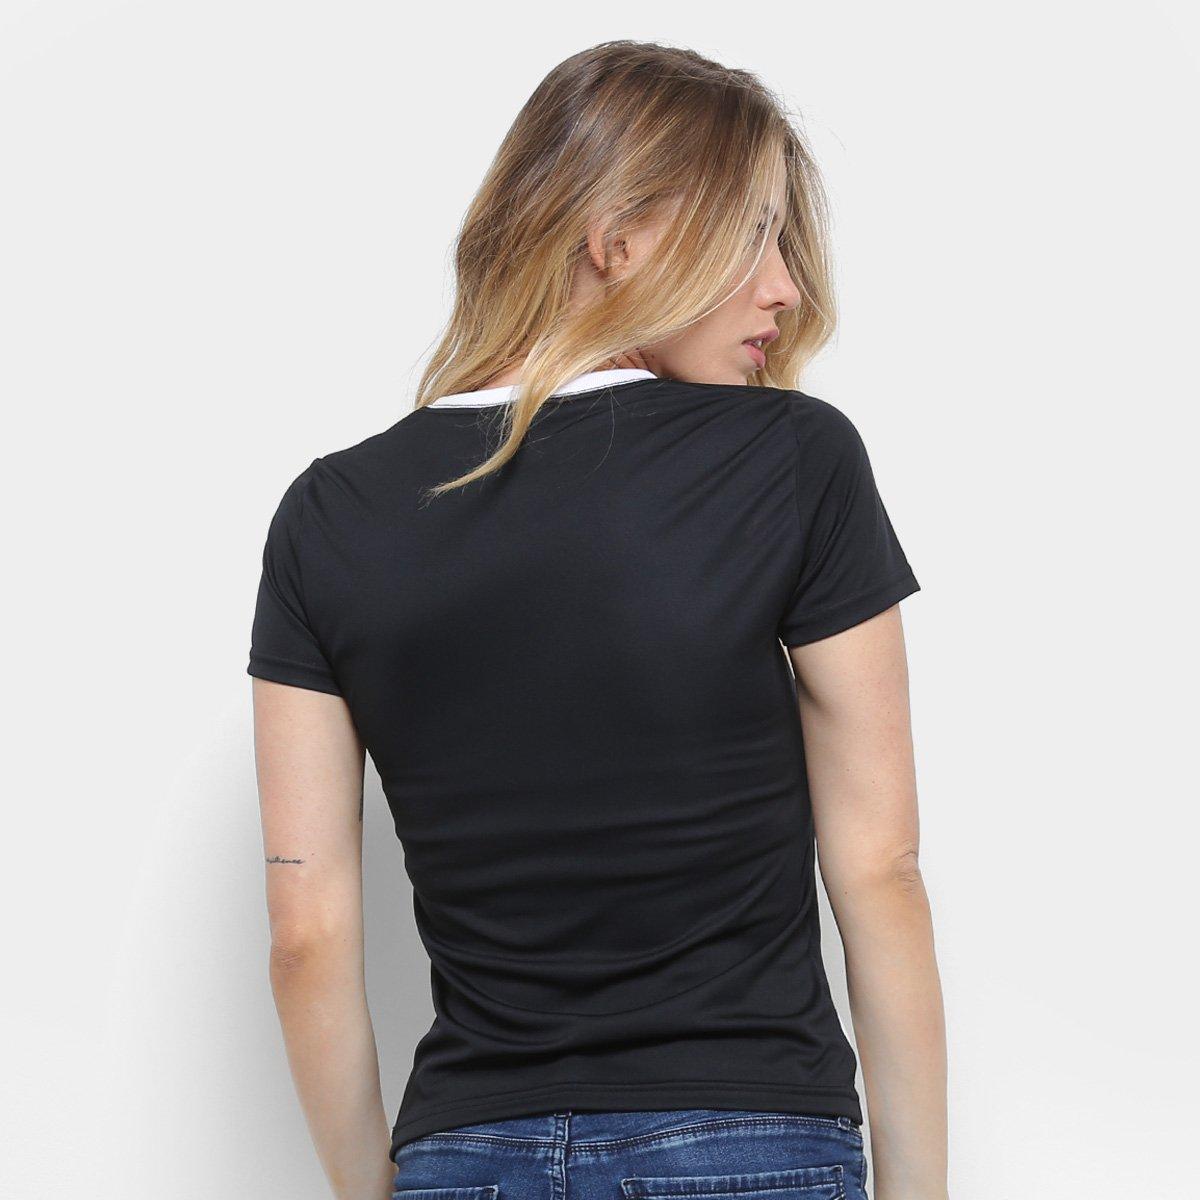 750df1fcf0 Camisa Vasco Edição Limitada Feminina  Camisa Vasco Edição Limitada Feminina  ...